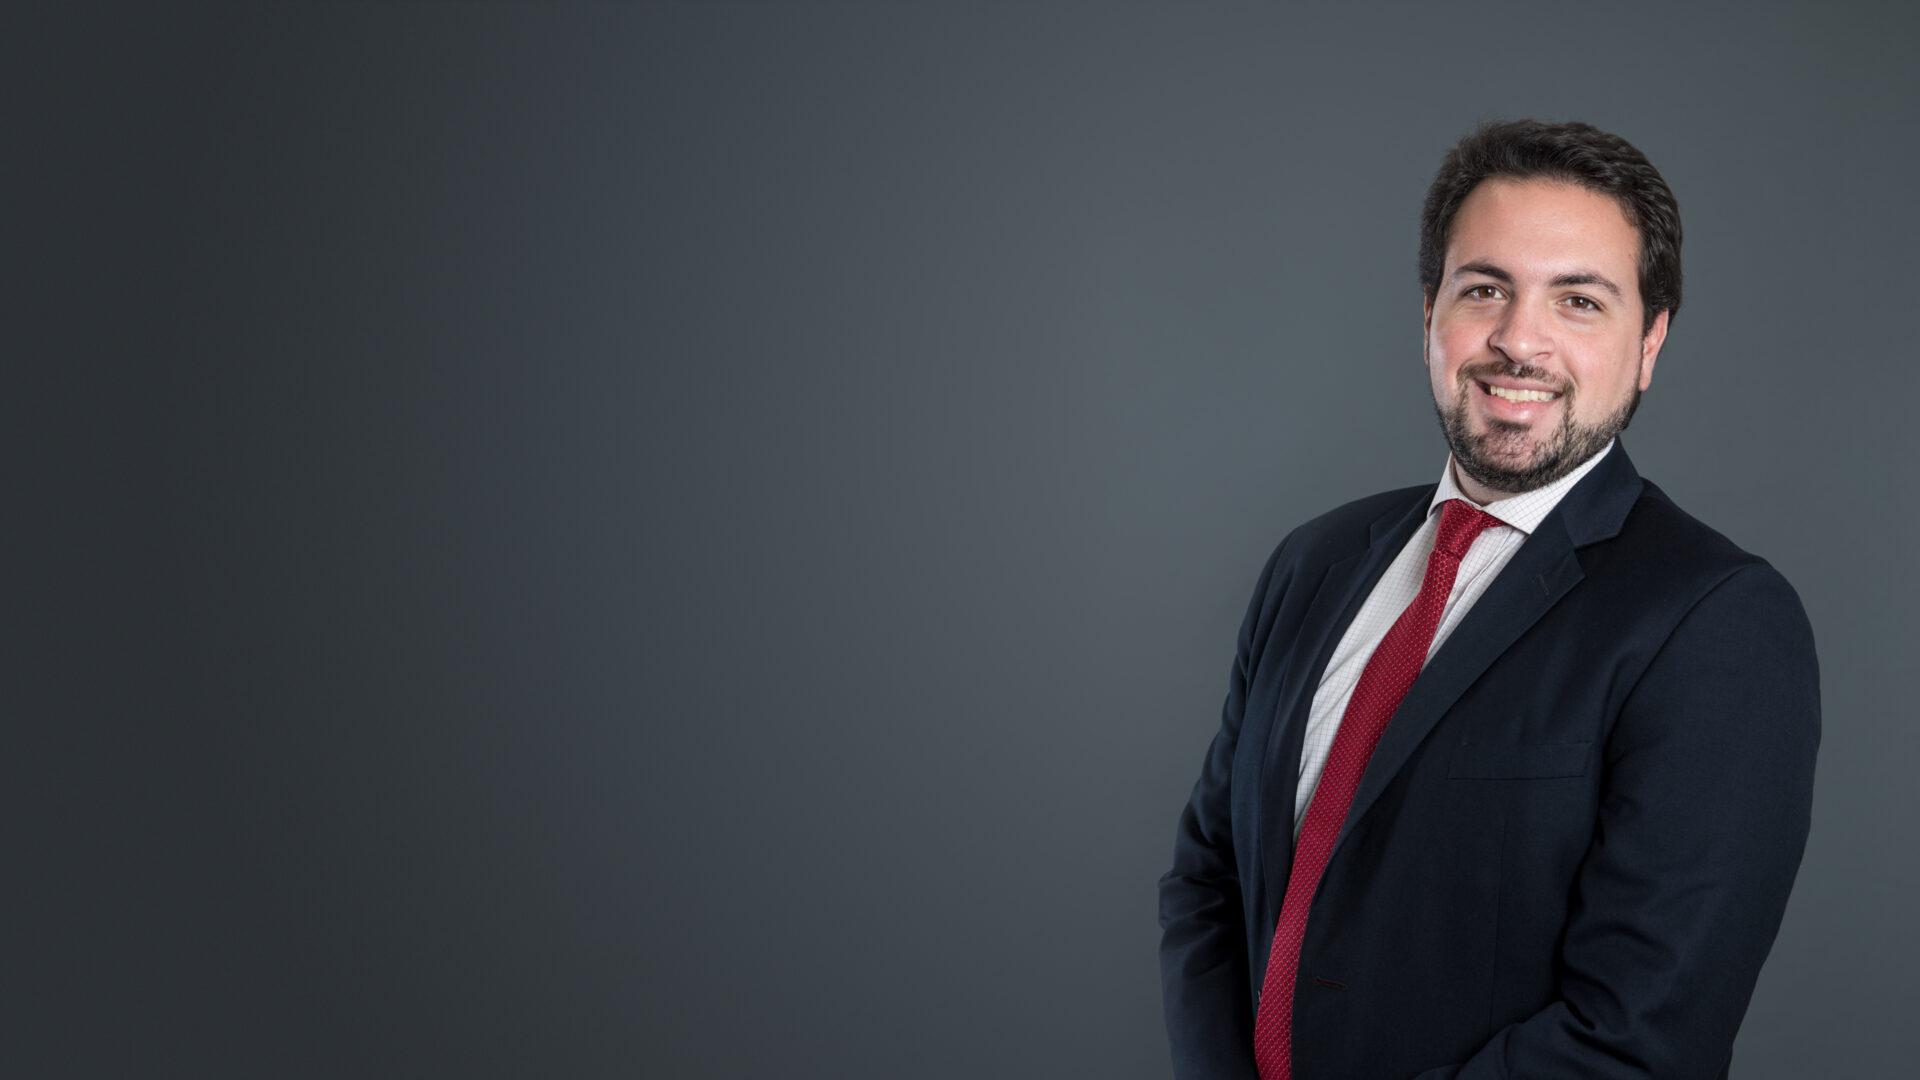 Eduardo Masson de Oliveira